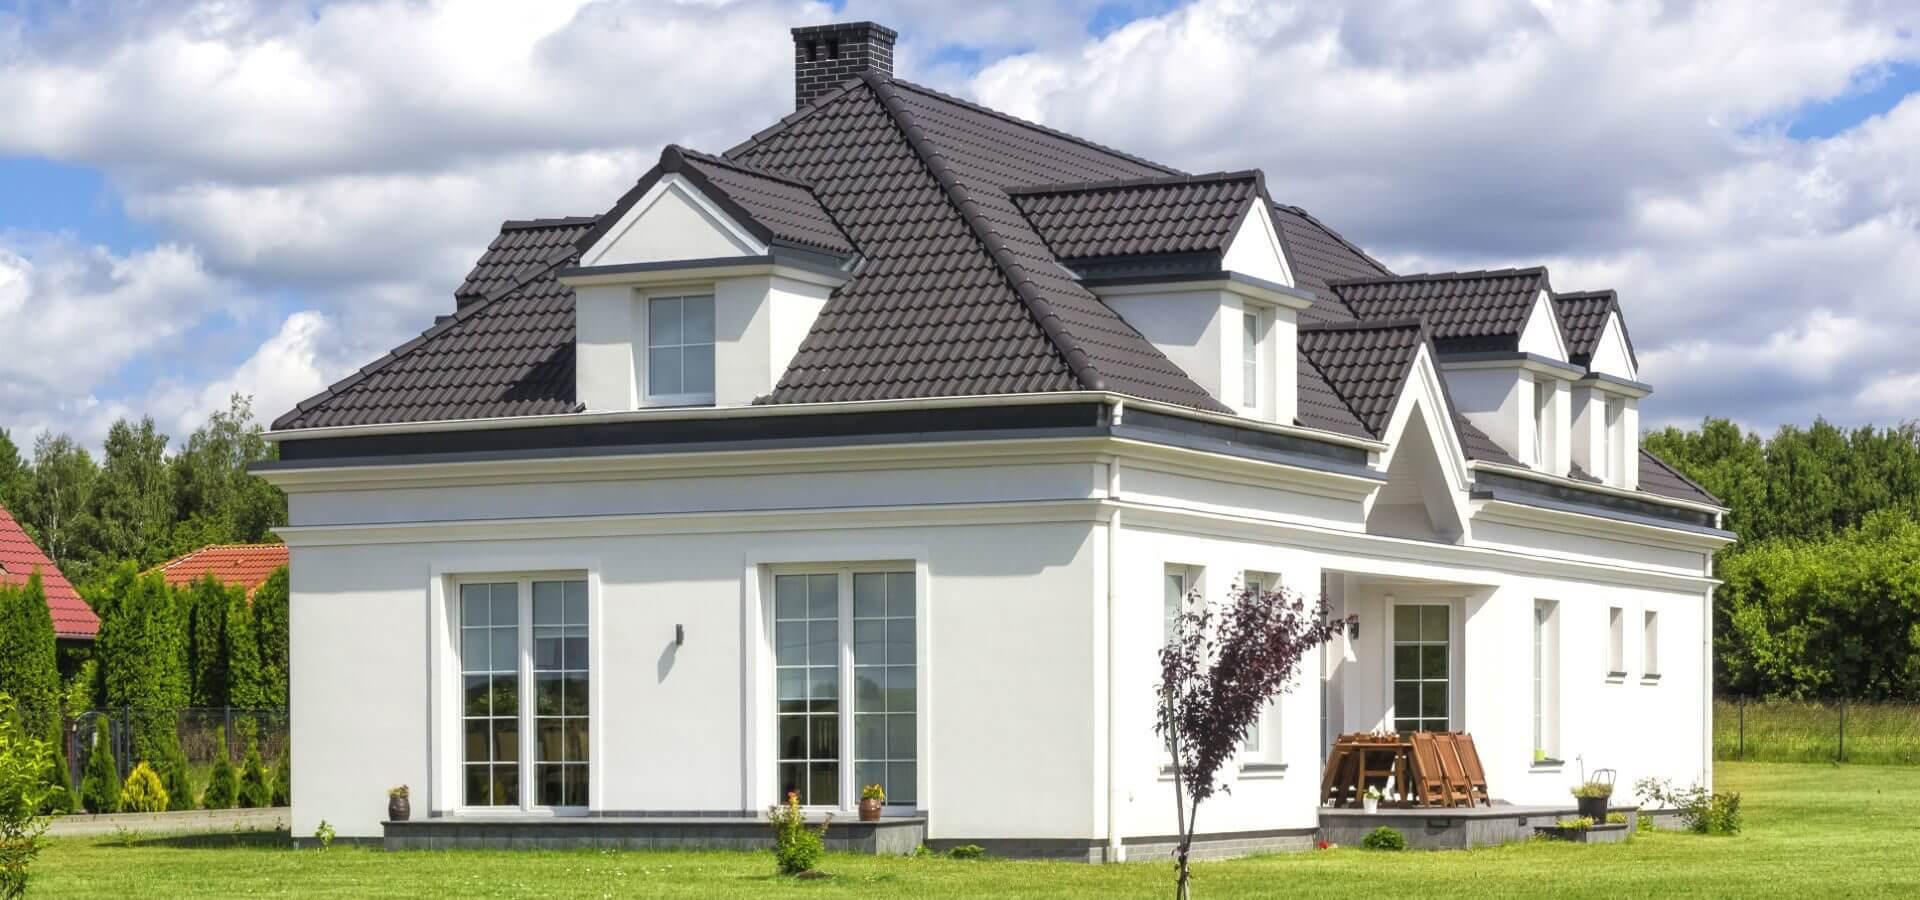 Roof Coating & Repair